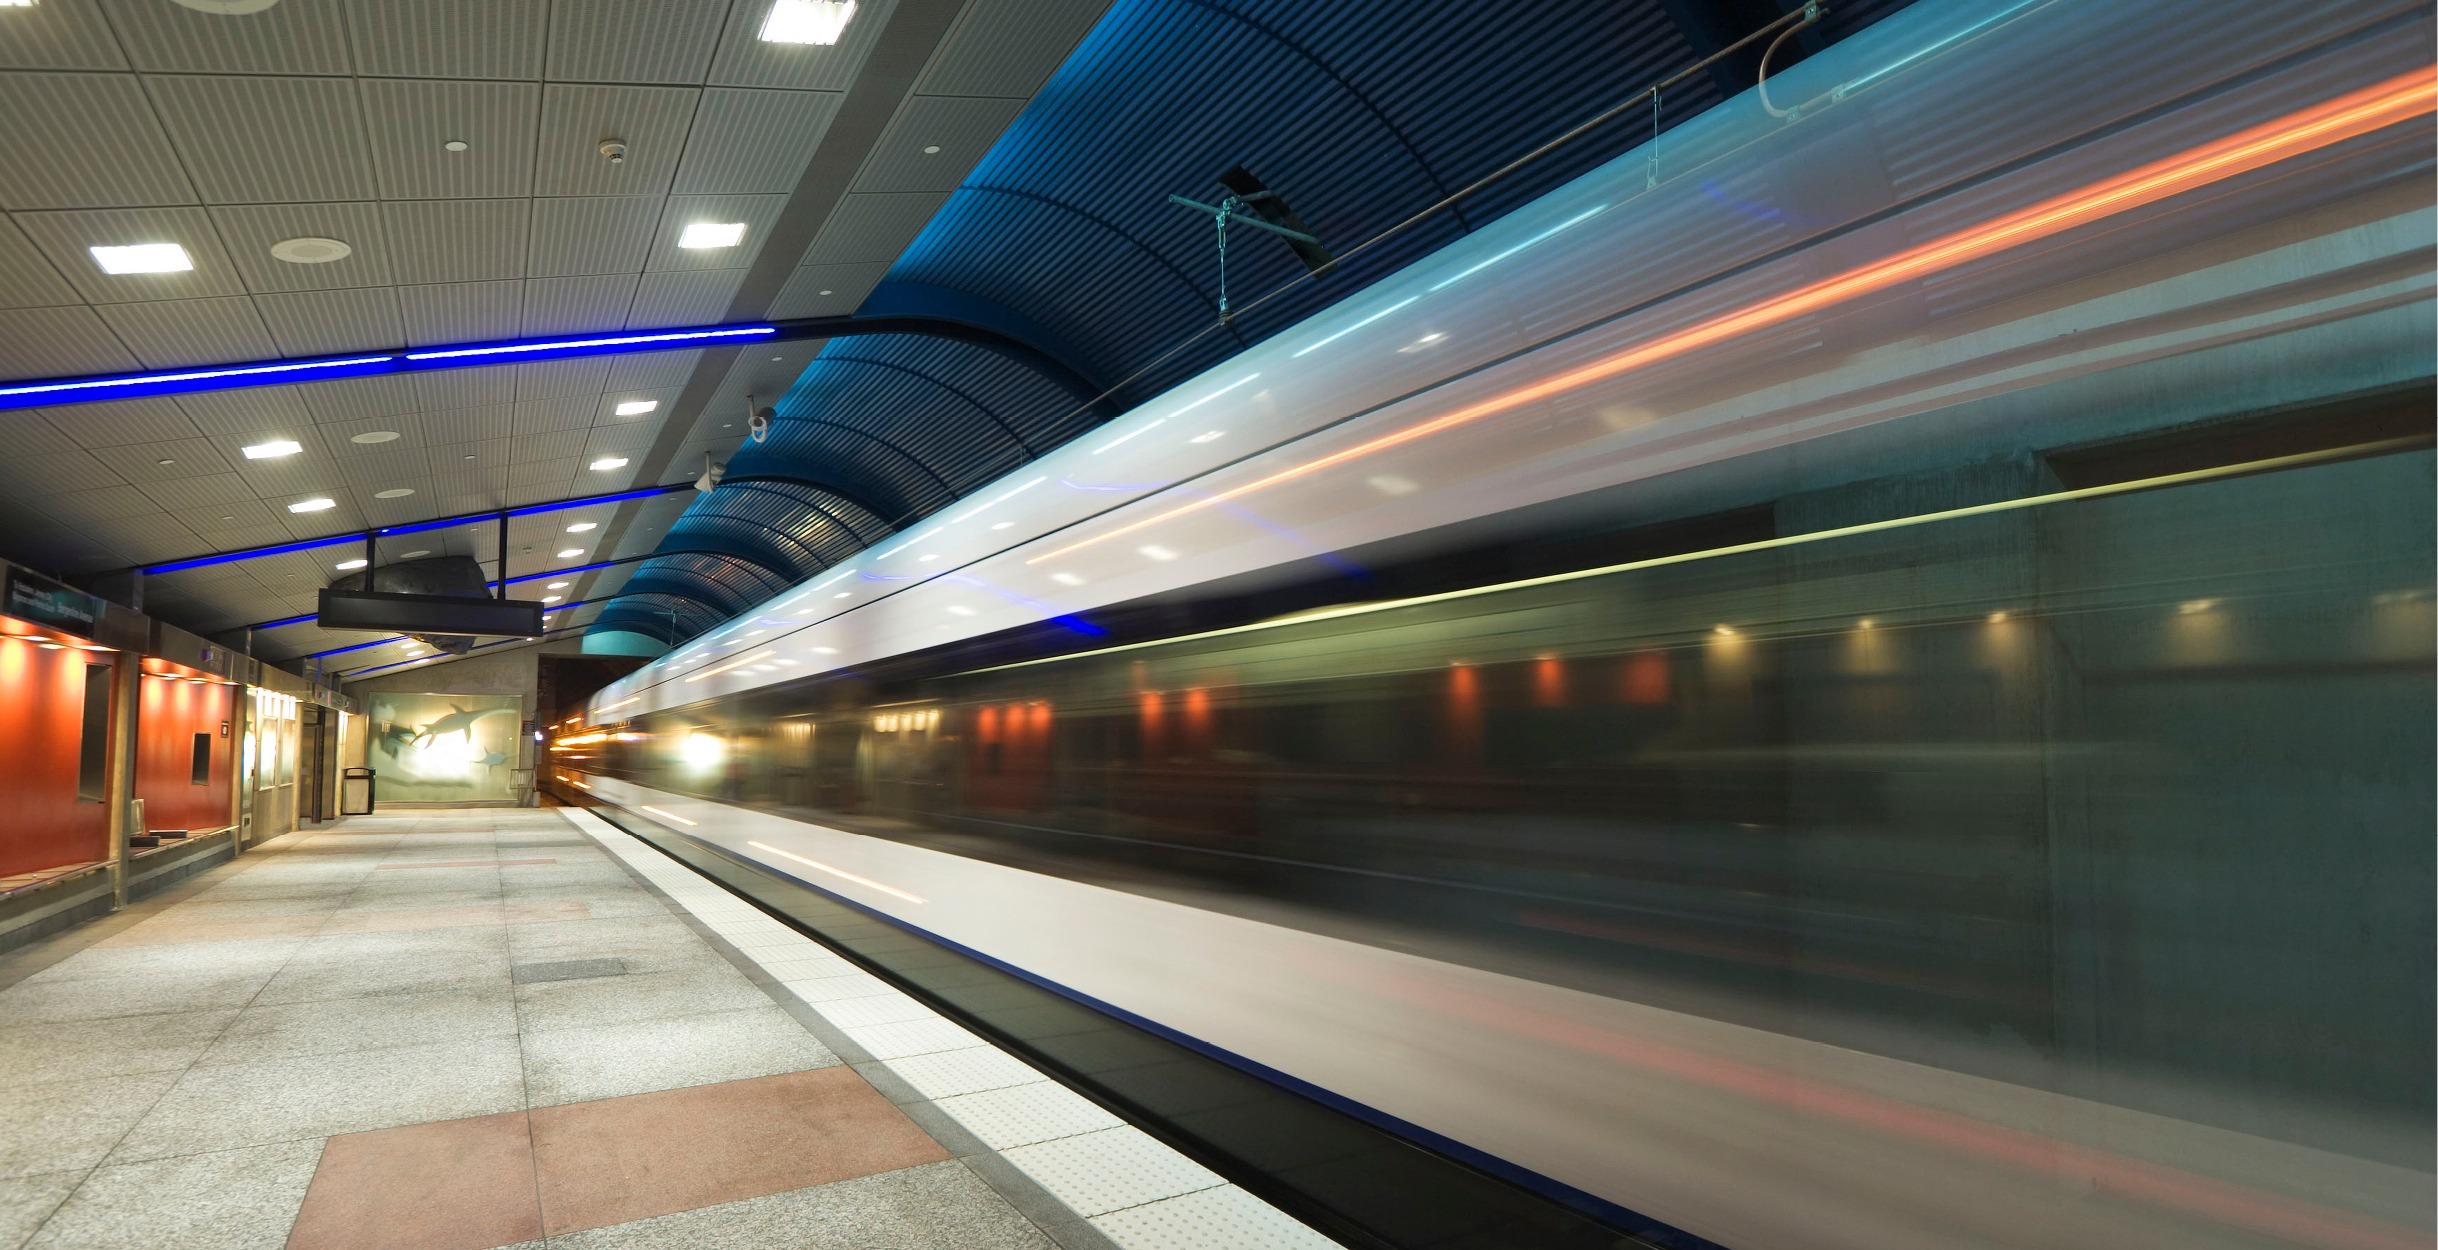 Nj Transit Light Rail